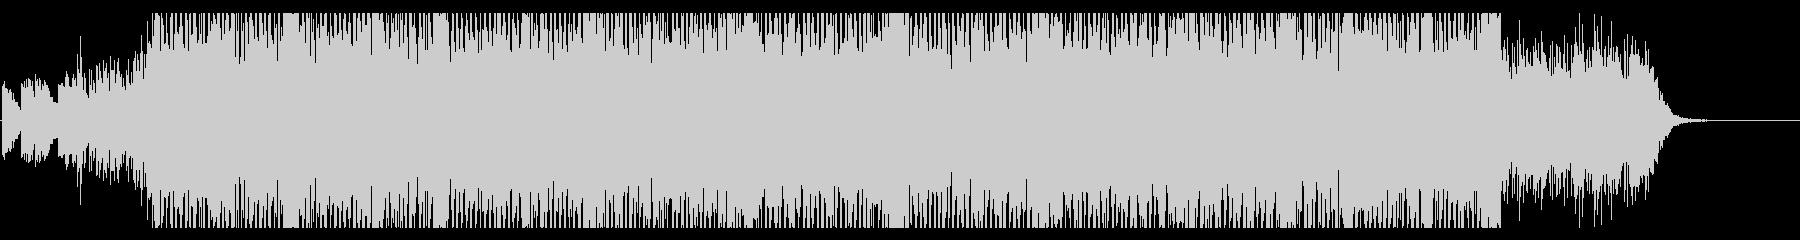 軽快で広がりを感じさせる綺麗なEDMの未再生の波形